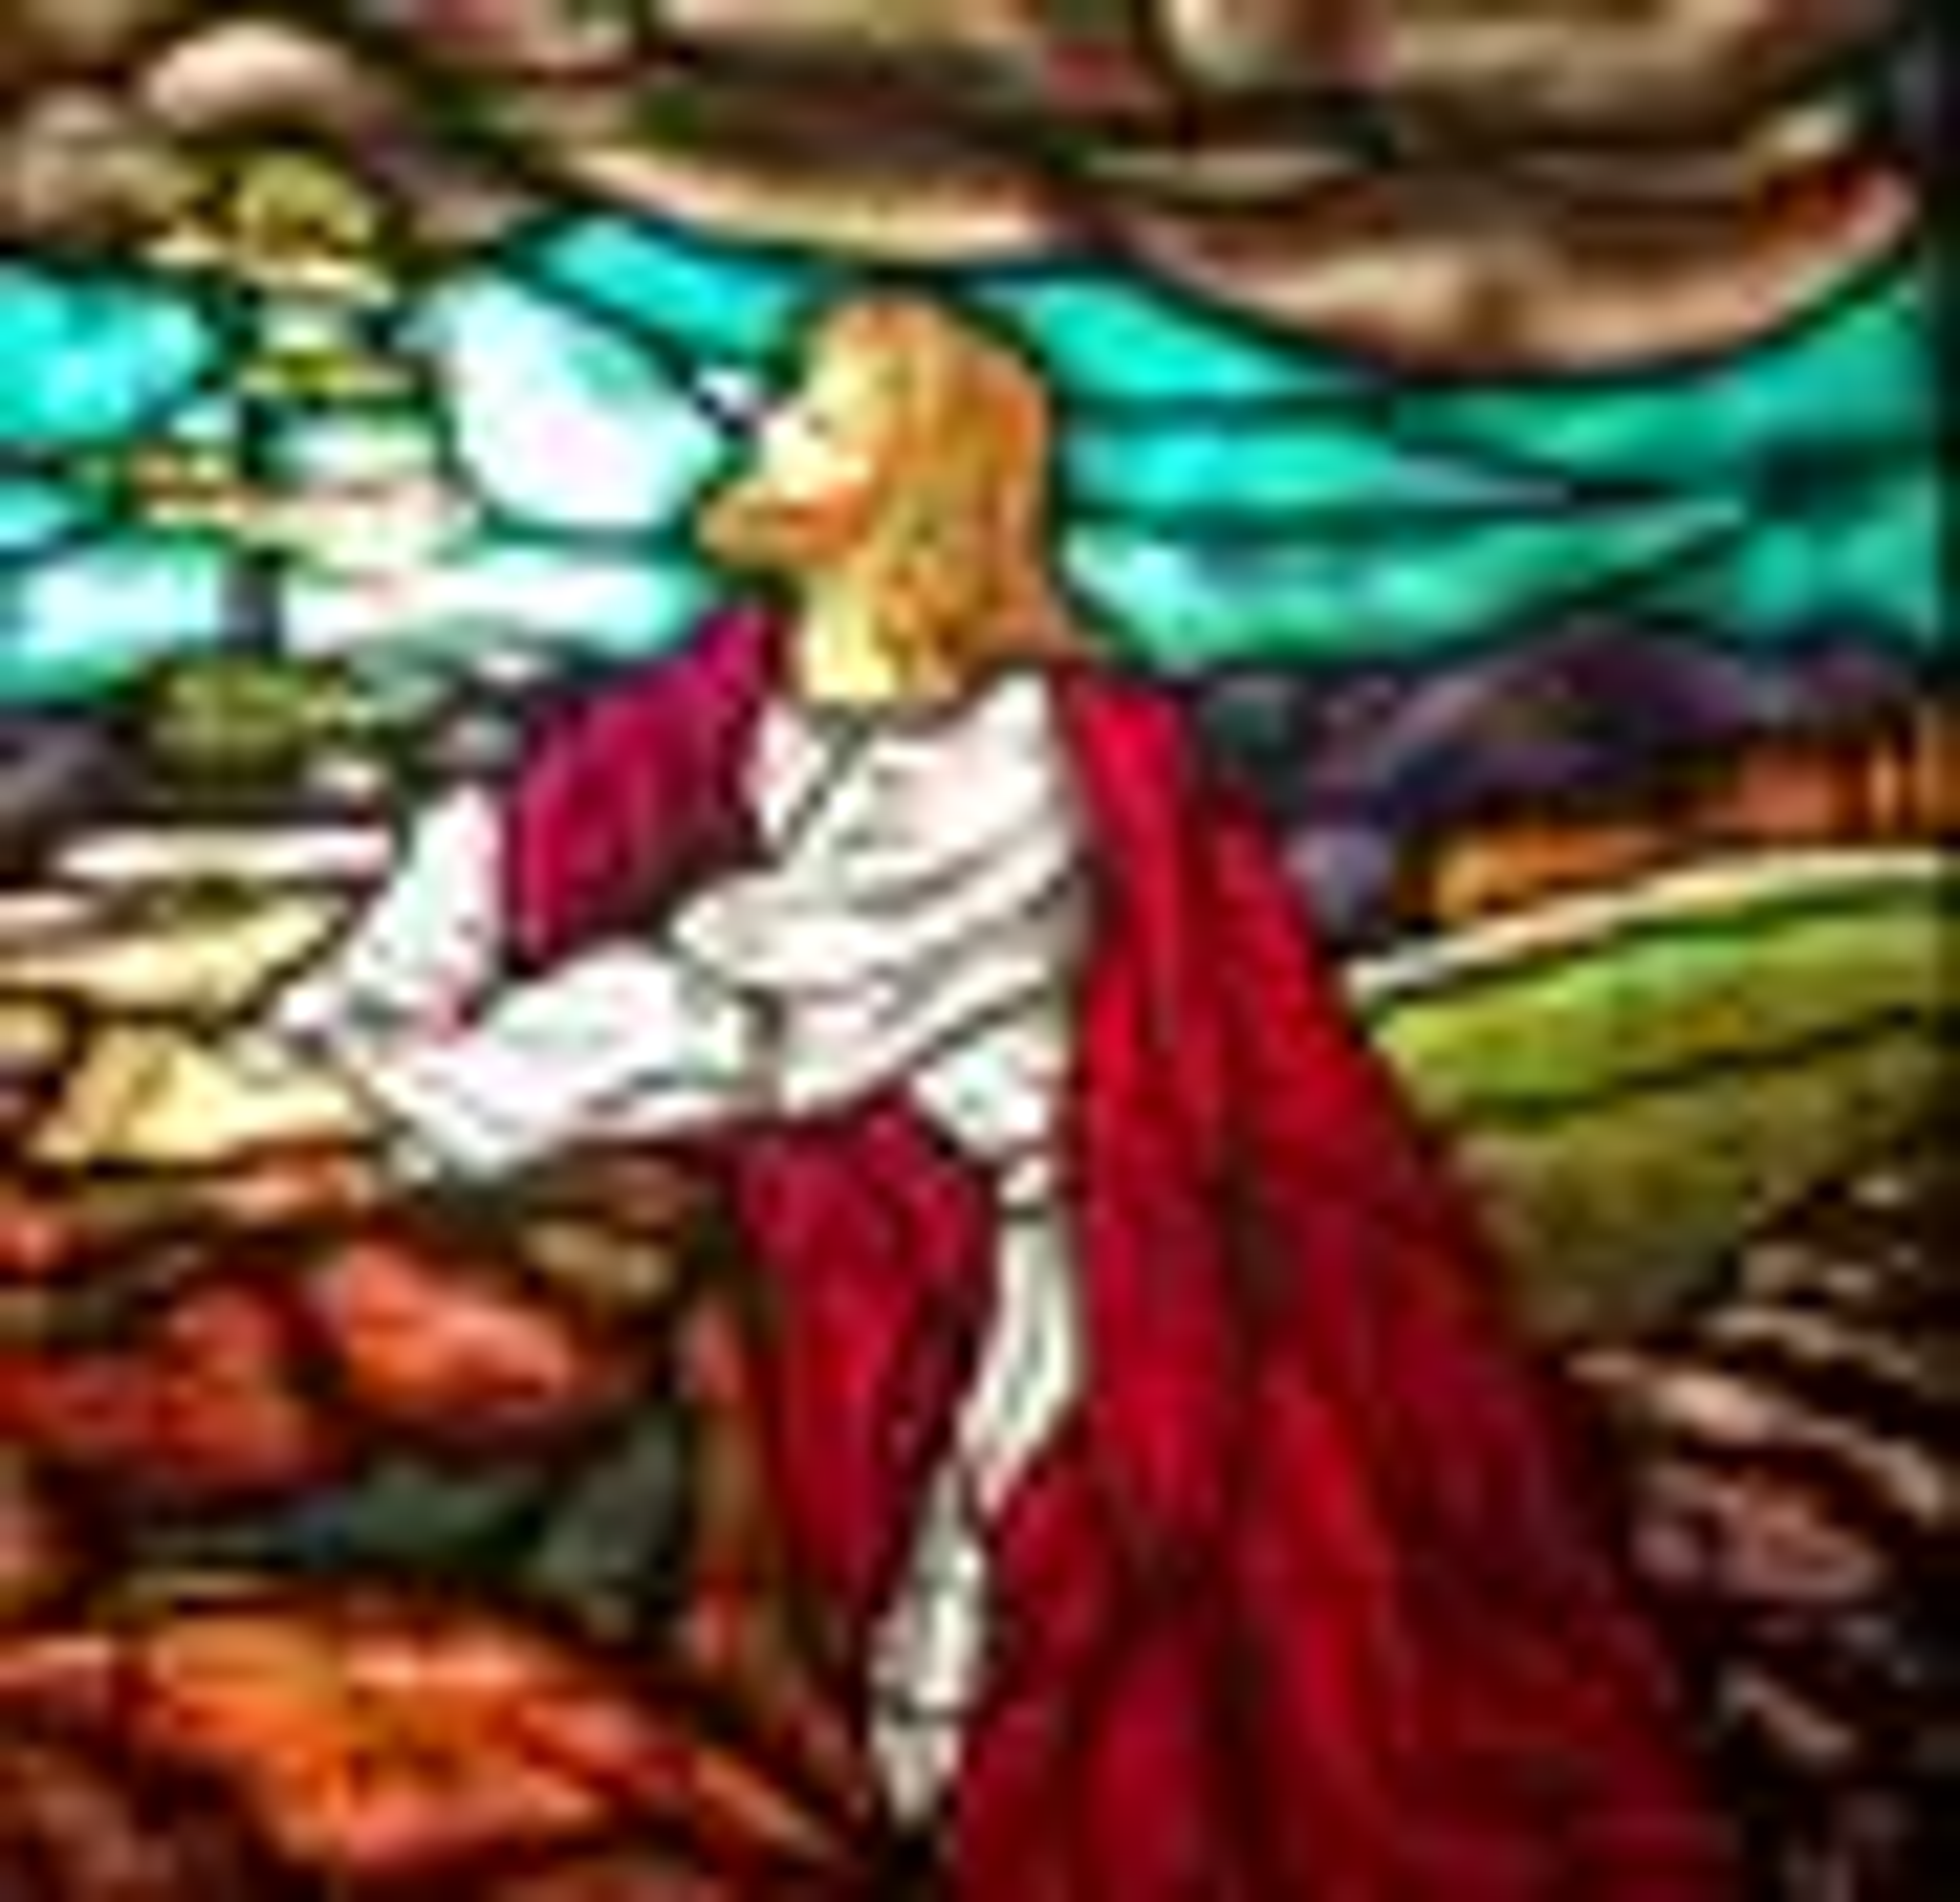 Photo de vitrail à Epworth au bord de la mer. Photo de Diane Degnan, United Methodist Communications.